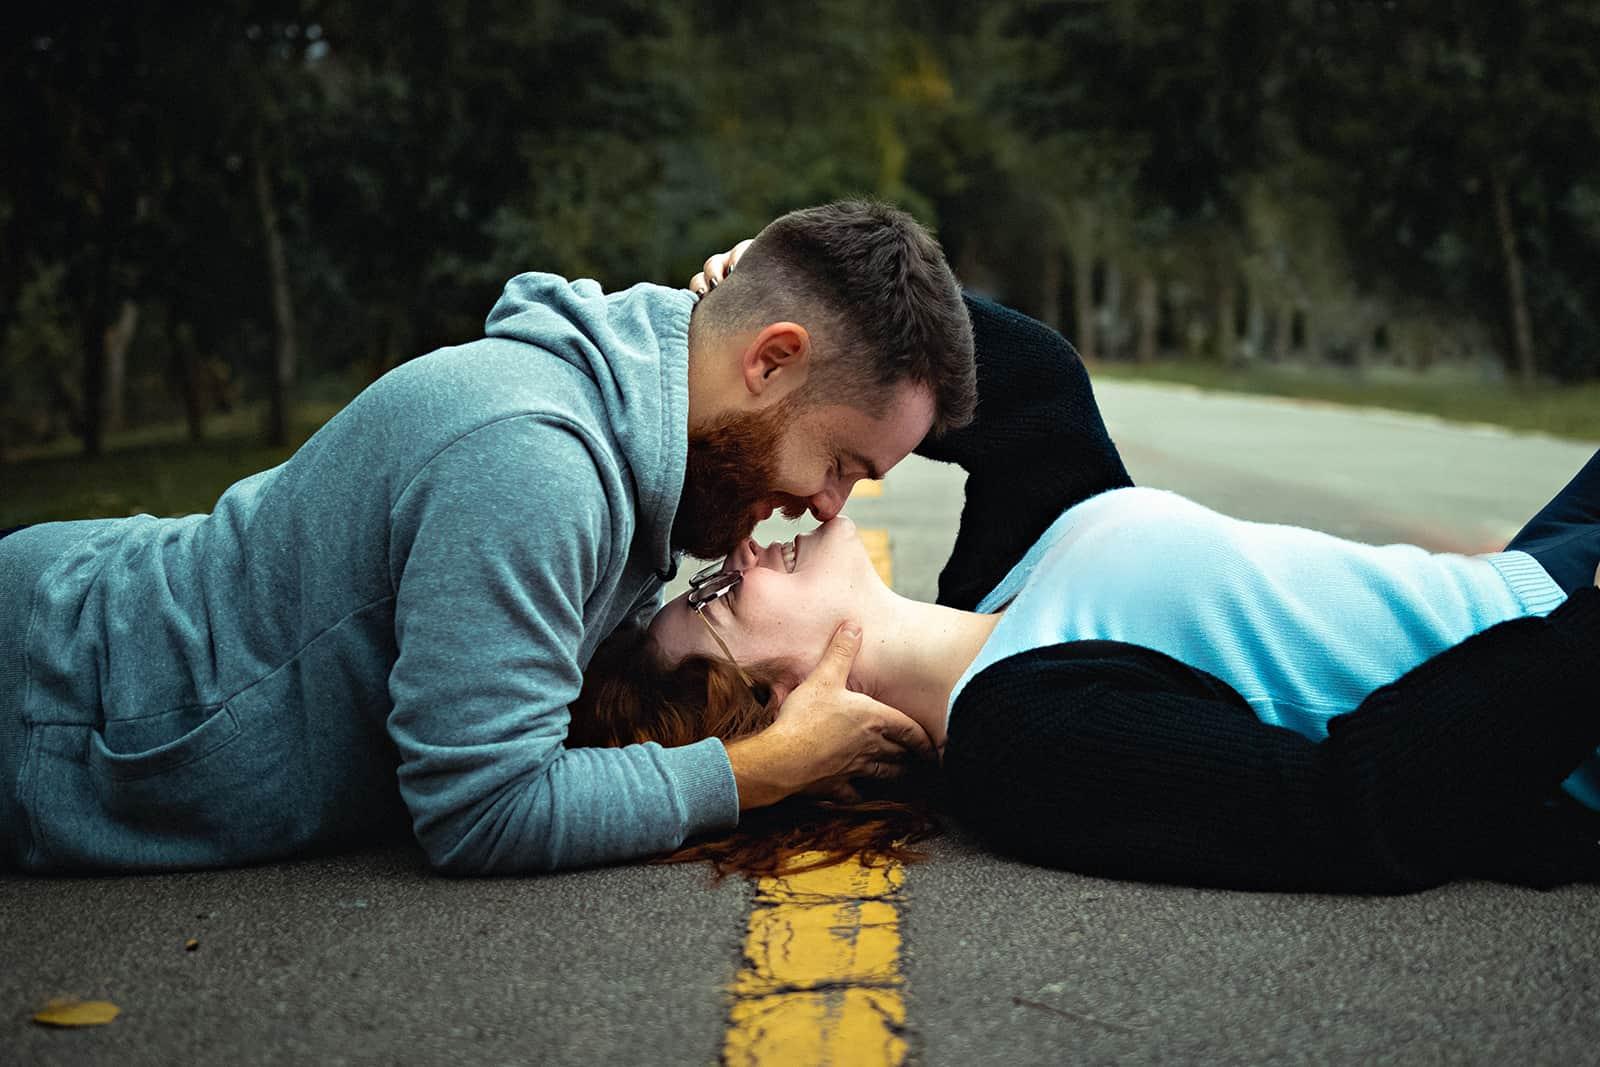 ein Paar, das auf der Asphaltstraße liegt und sich küssen will